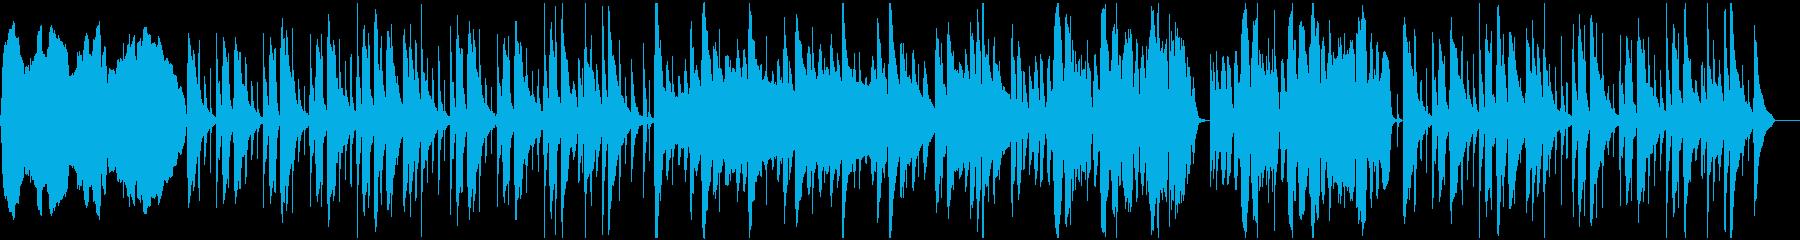 のどか系チェロ、バイオリン、ピアノBGMの再生済みの波形